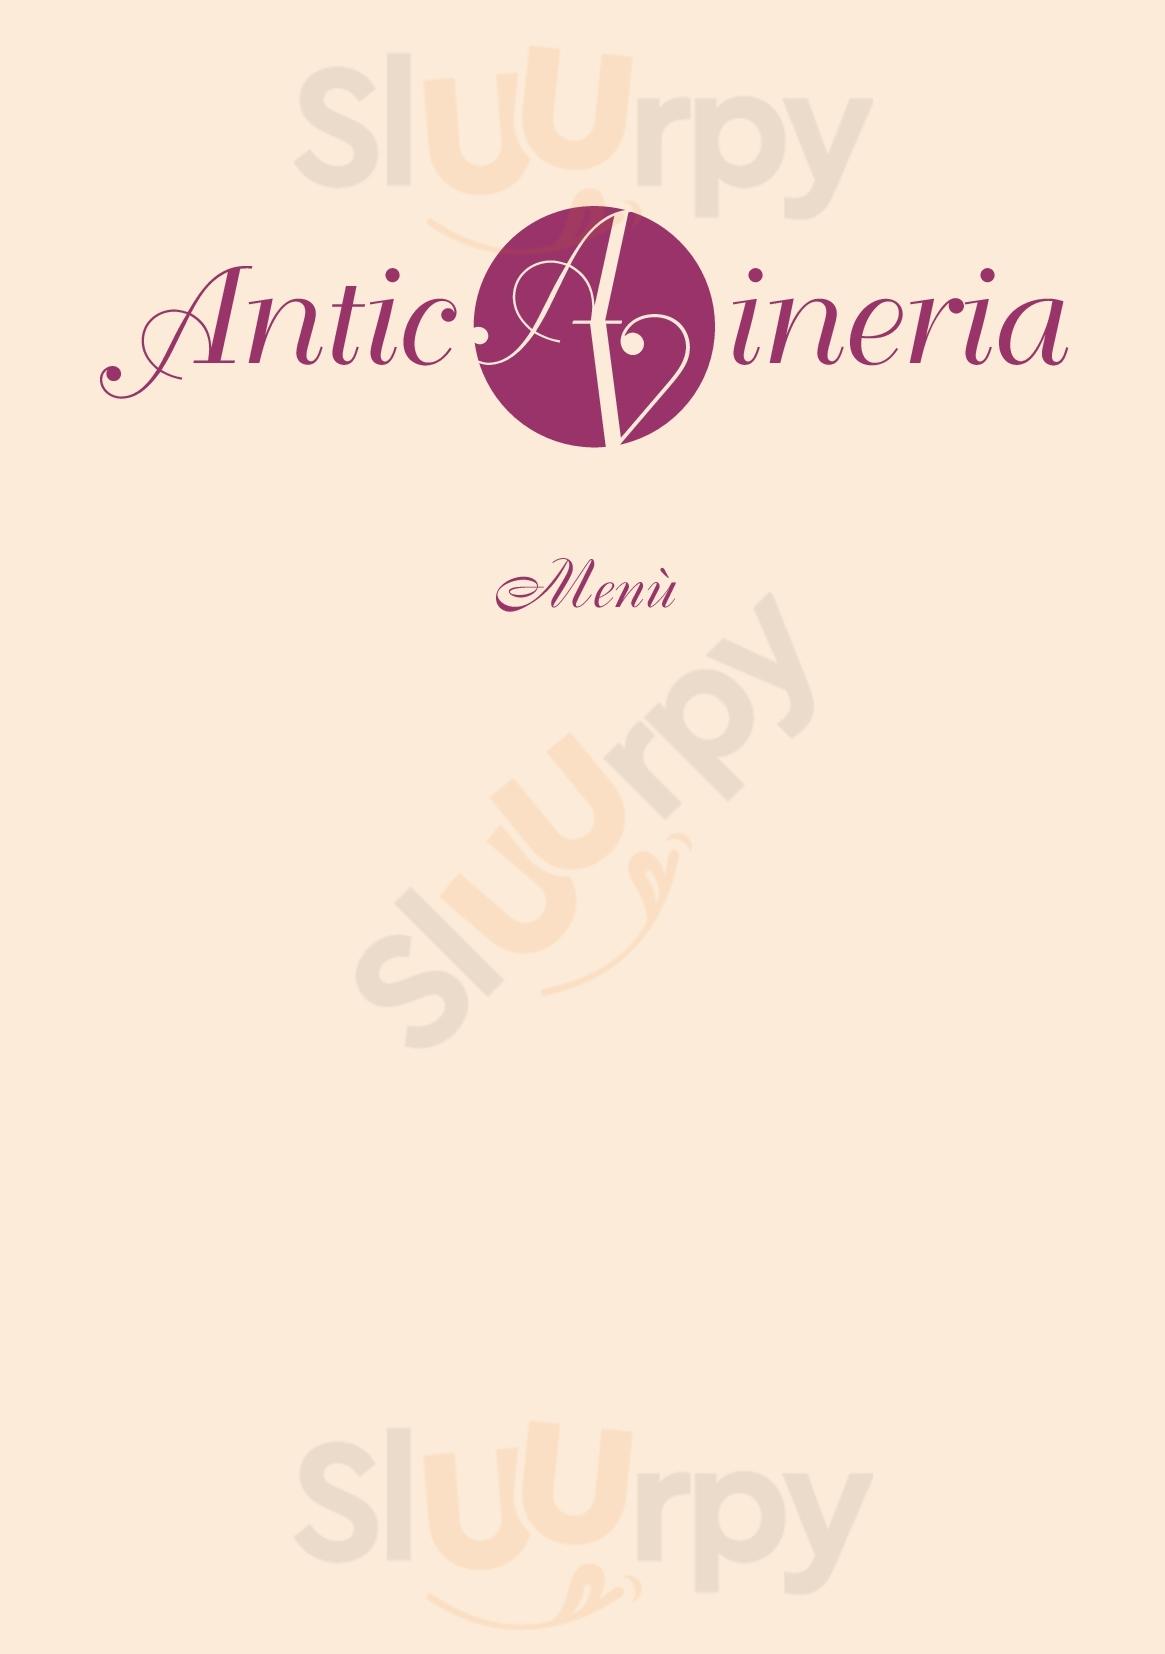 Antica Vineria Prato menù 1 pagina